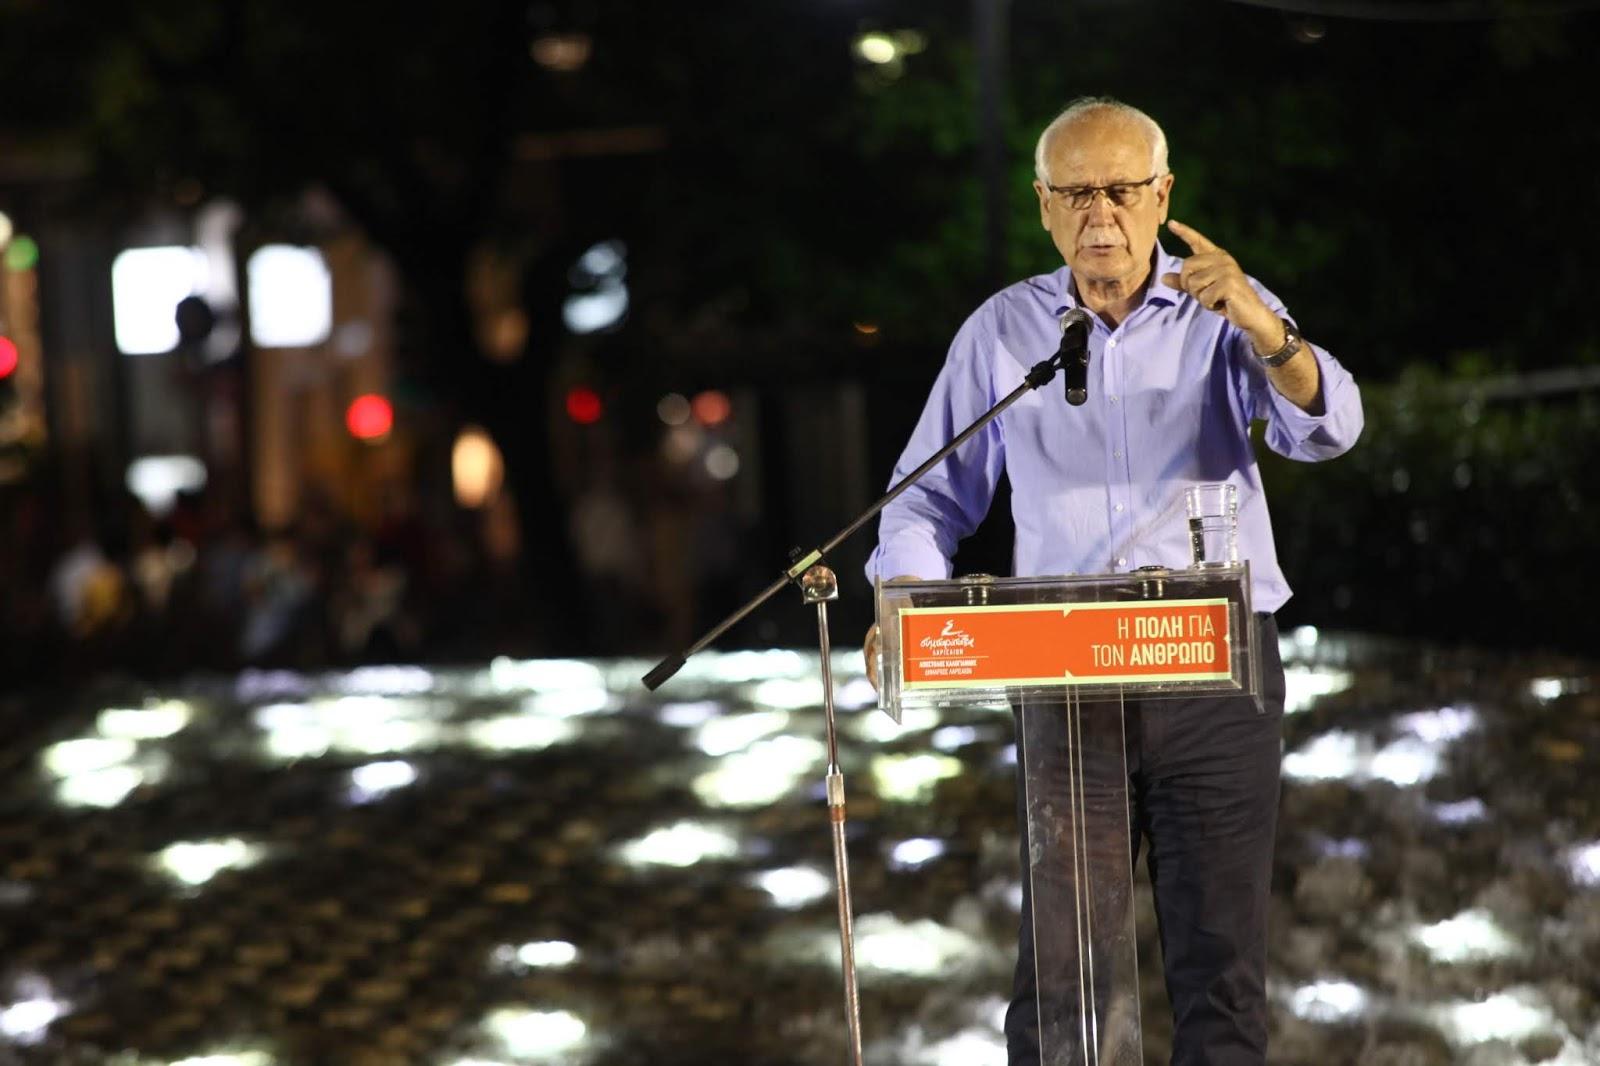 """Ο Απόστολος Καλογιάννης από την Κεντρική Πλατεία της Λάρισας: """"Δεν έχω να απολογηθώ σε κανέναν, παρά μόνο στους πολίτες της Λάρισας"""" (ΦΩΤΟ)"""